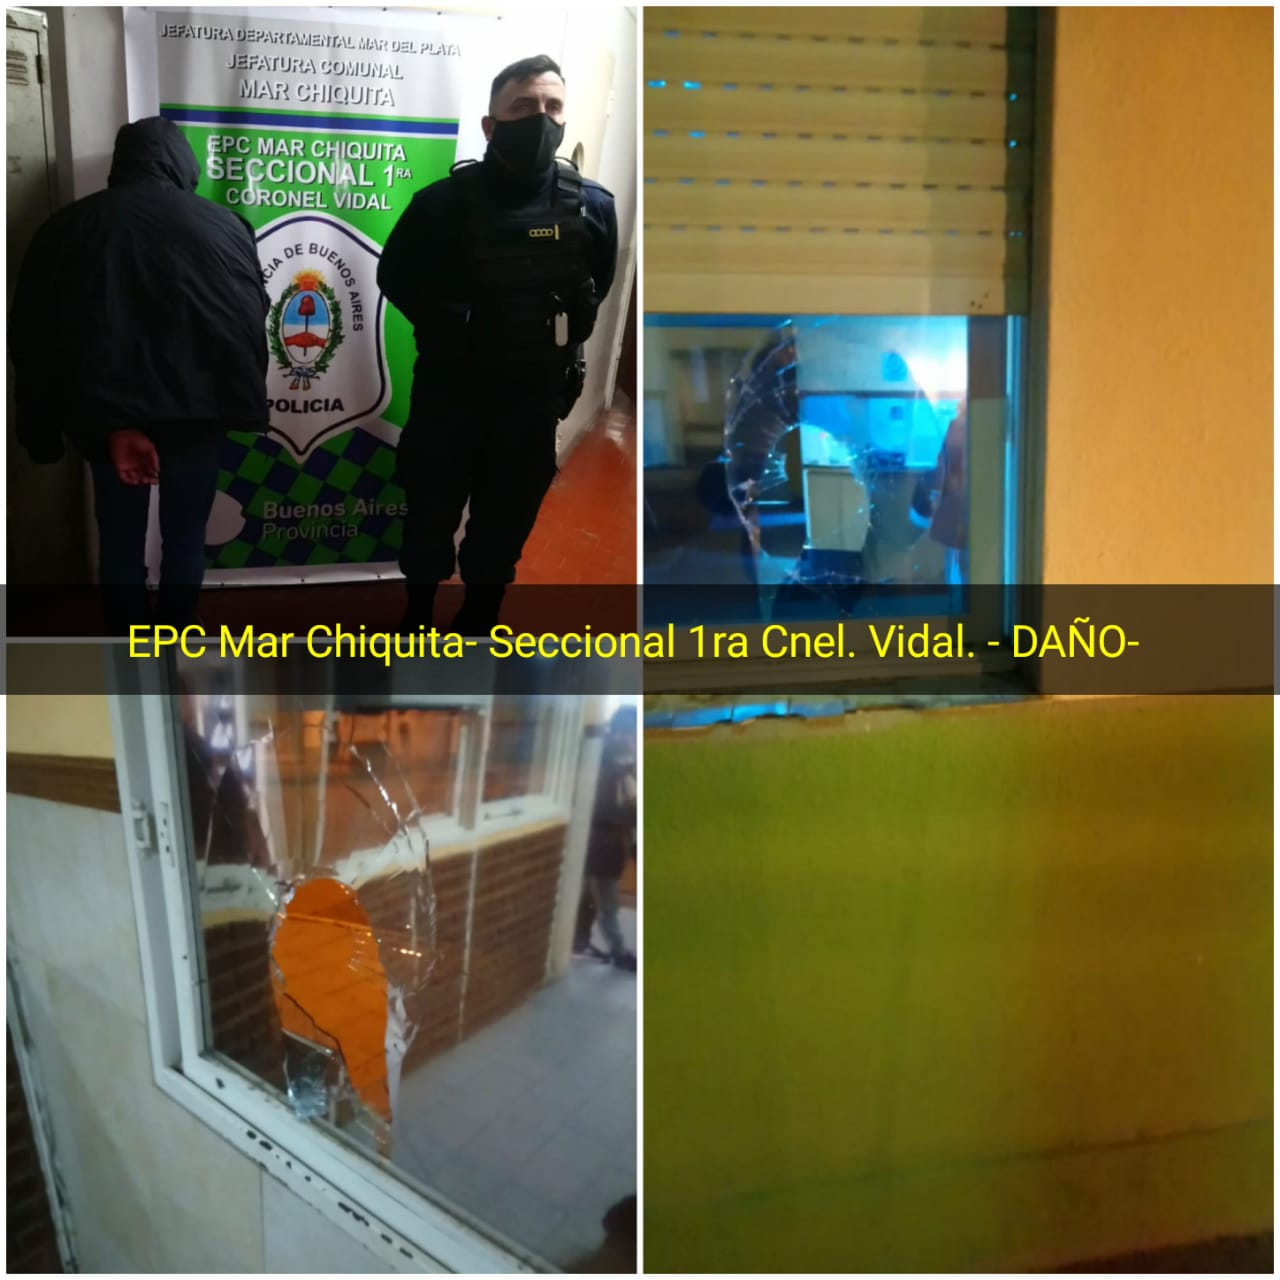 CNEL VIDAL: Denunció un supuesto robo y rompió un vidrio de la comisaria